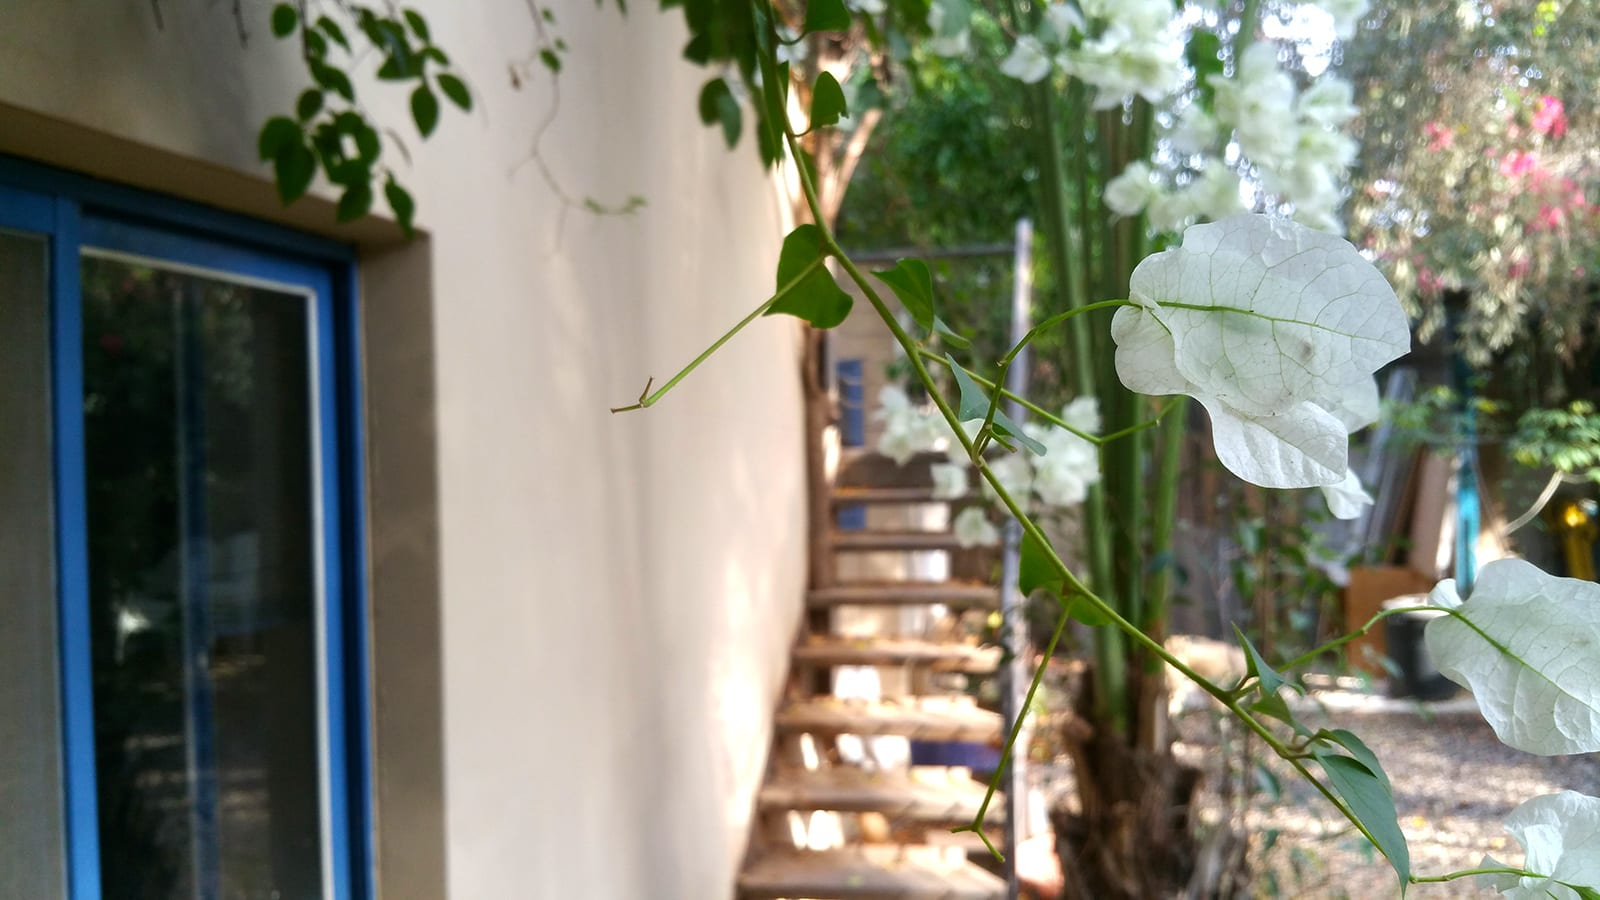 מדרגות חיצוניות בחצר לקומת המגורים היכולה לשמש יחידה נפרדת בבית למכירה בעין ורד